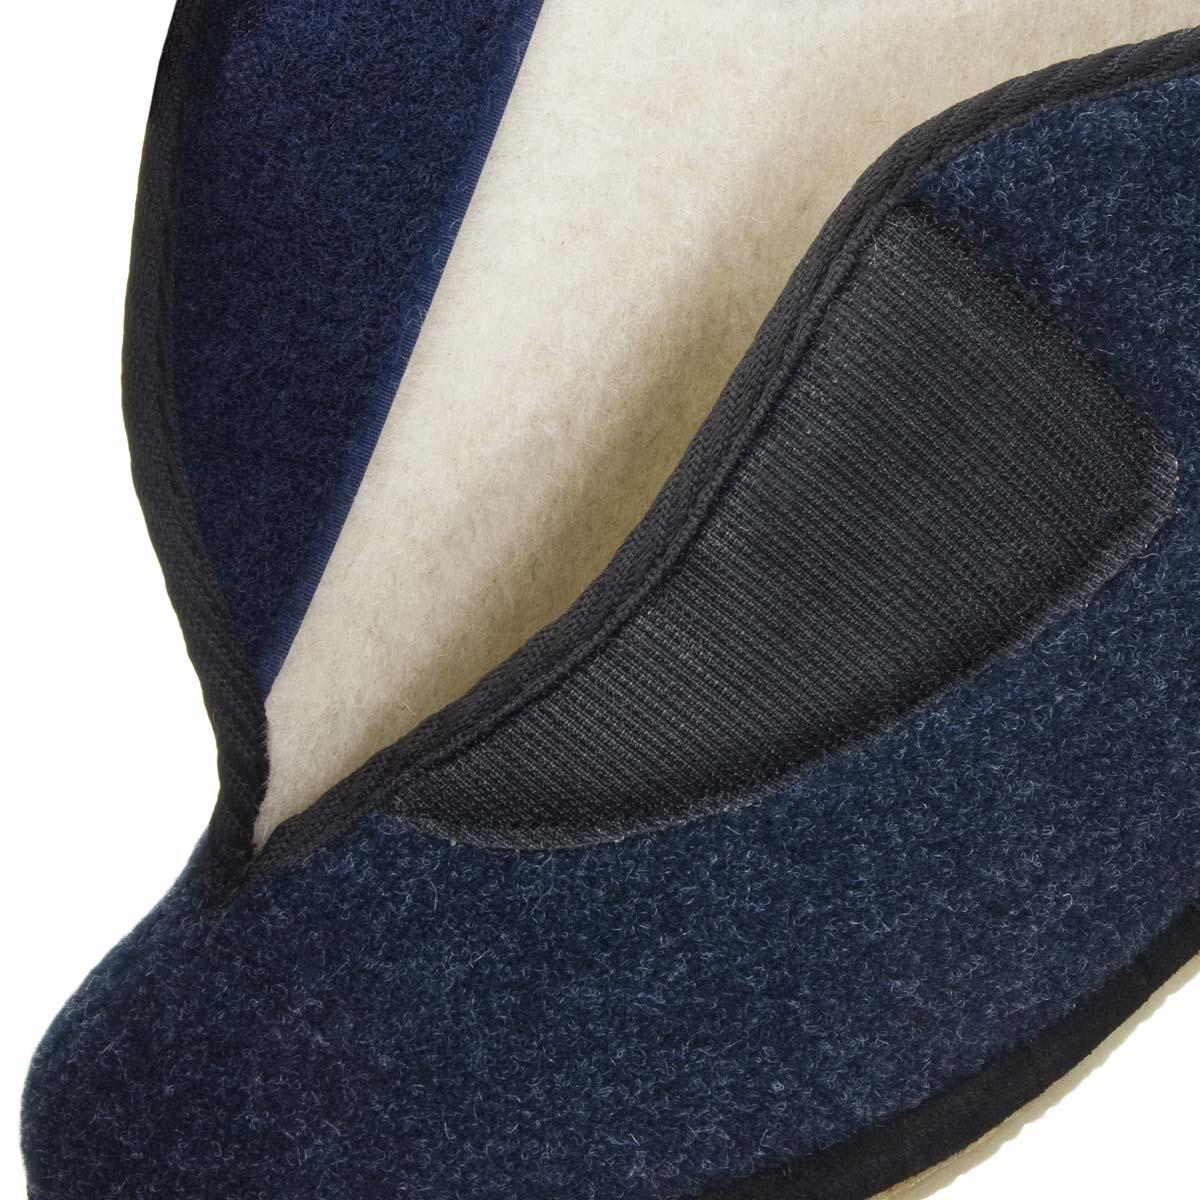 ... Comoda pantofola per la casa con chiusura in velcro realizzata in 100%  pura lana d8938ce2651a